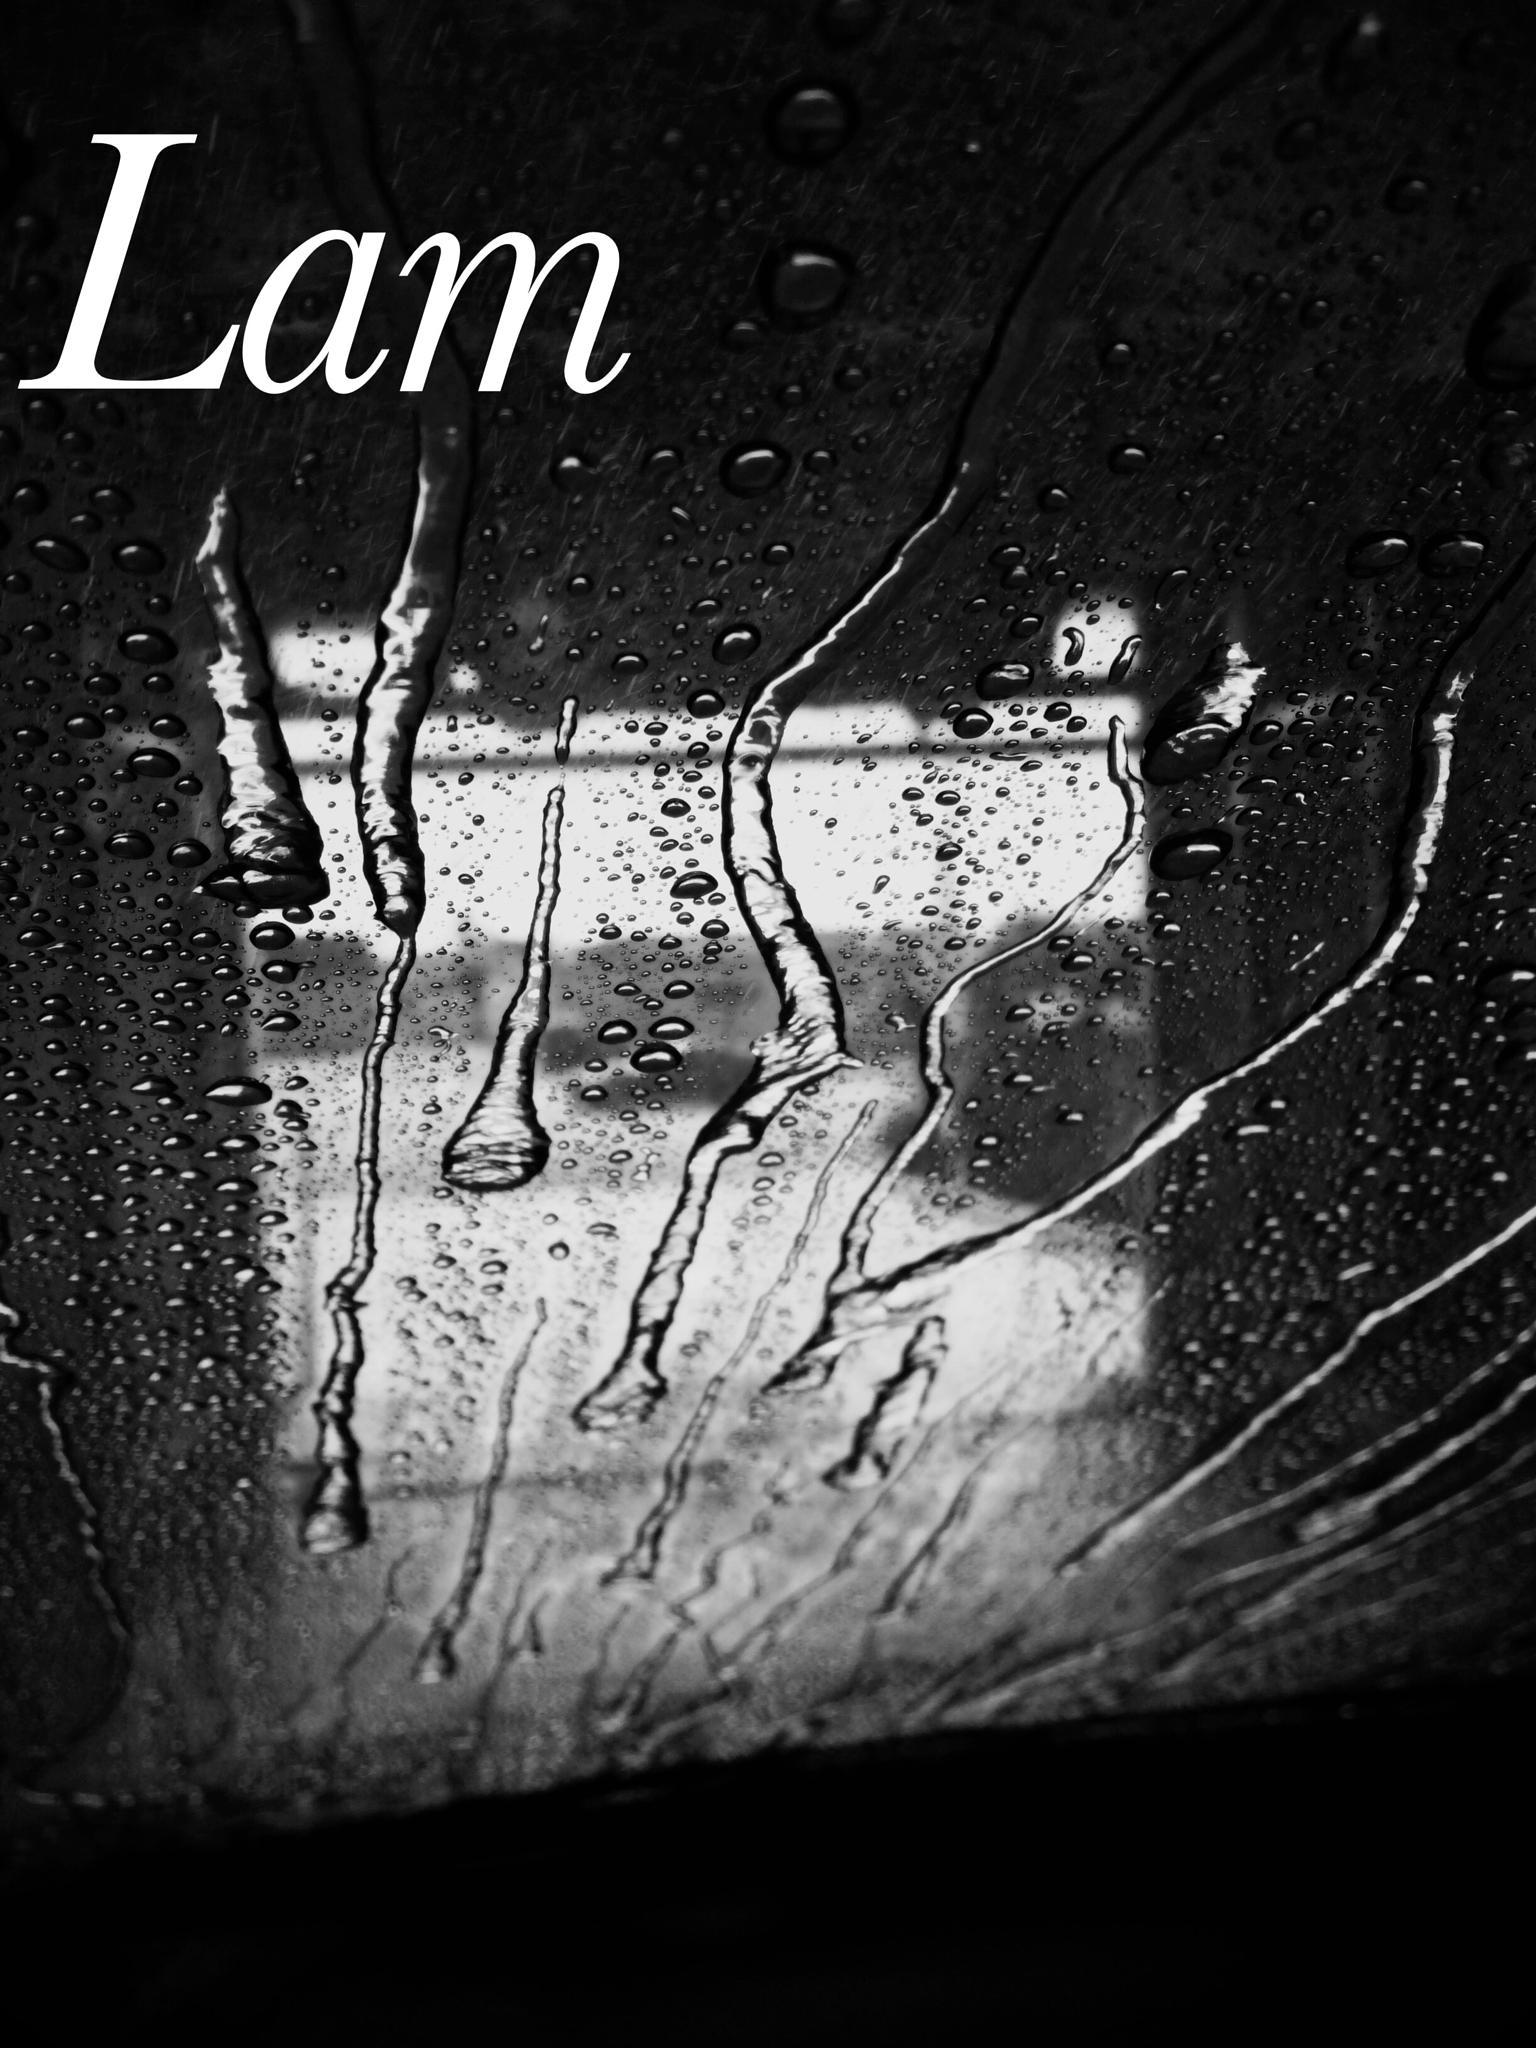 Car wash by leam1972